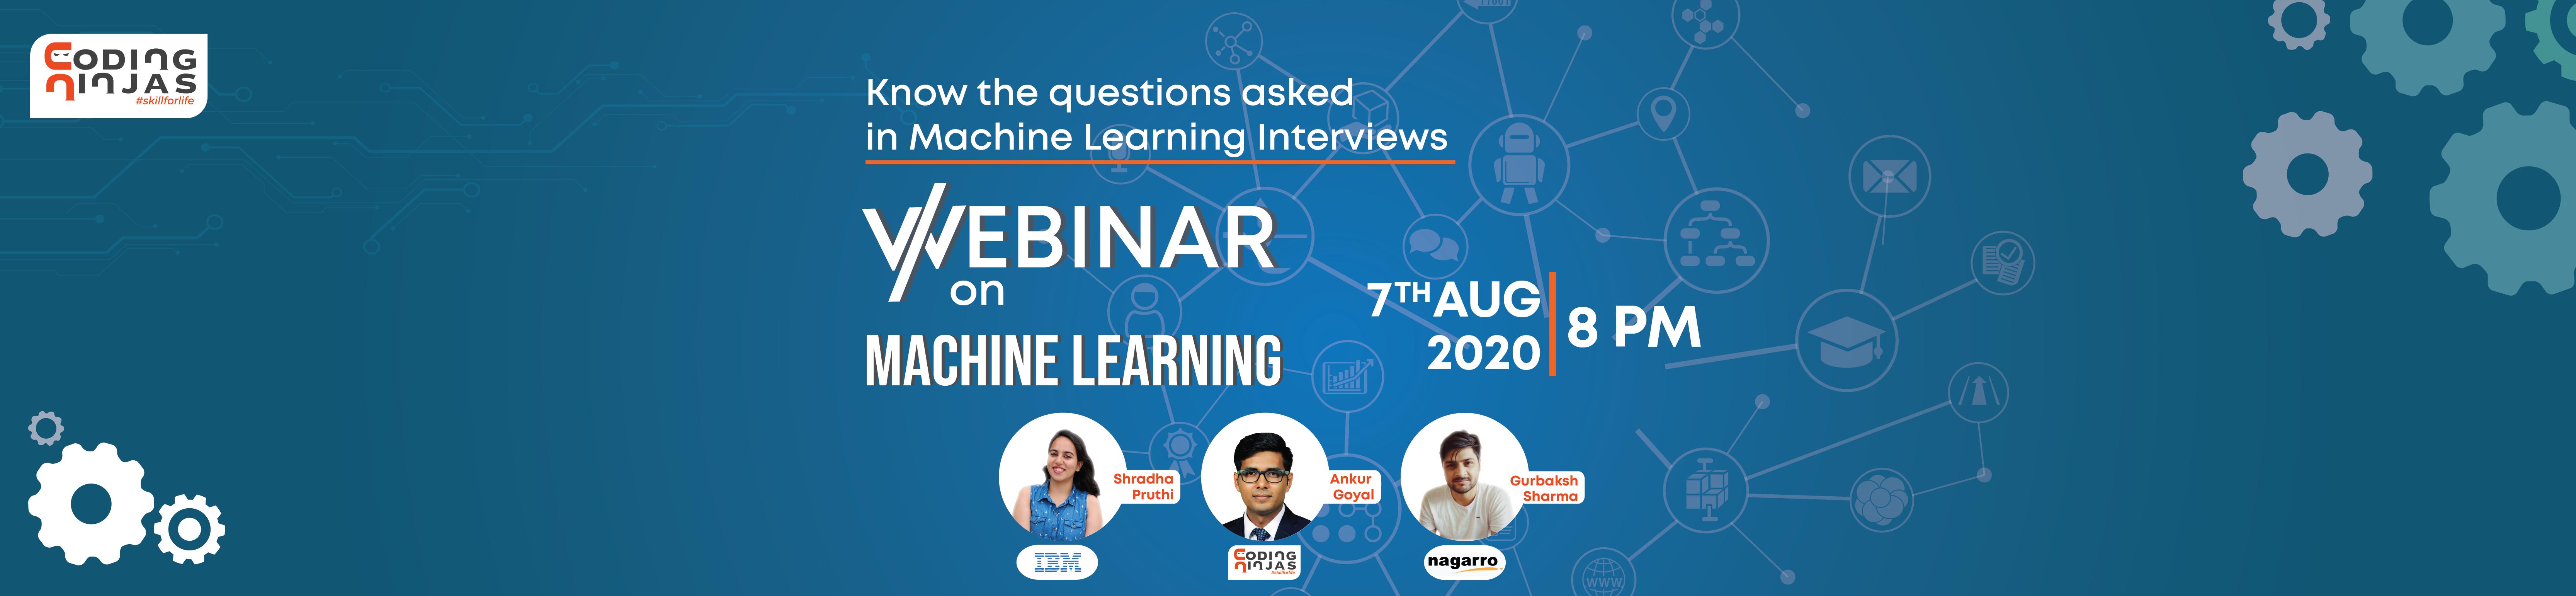 Webinar on Machine Learning